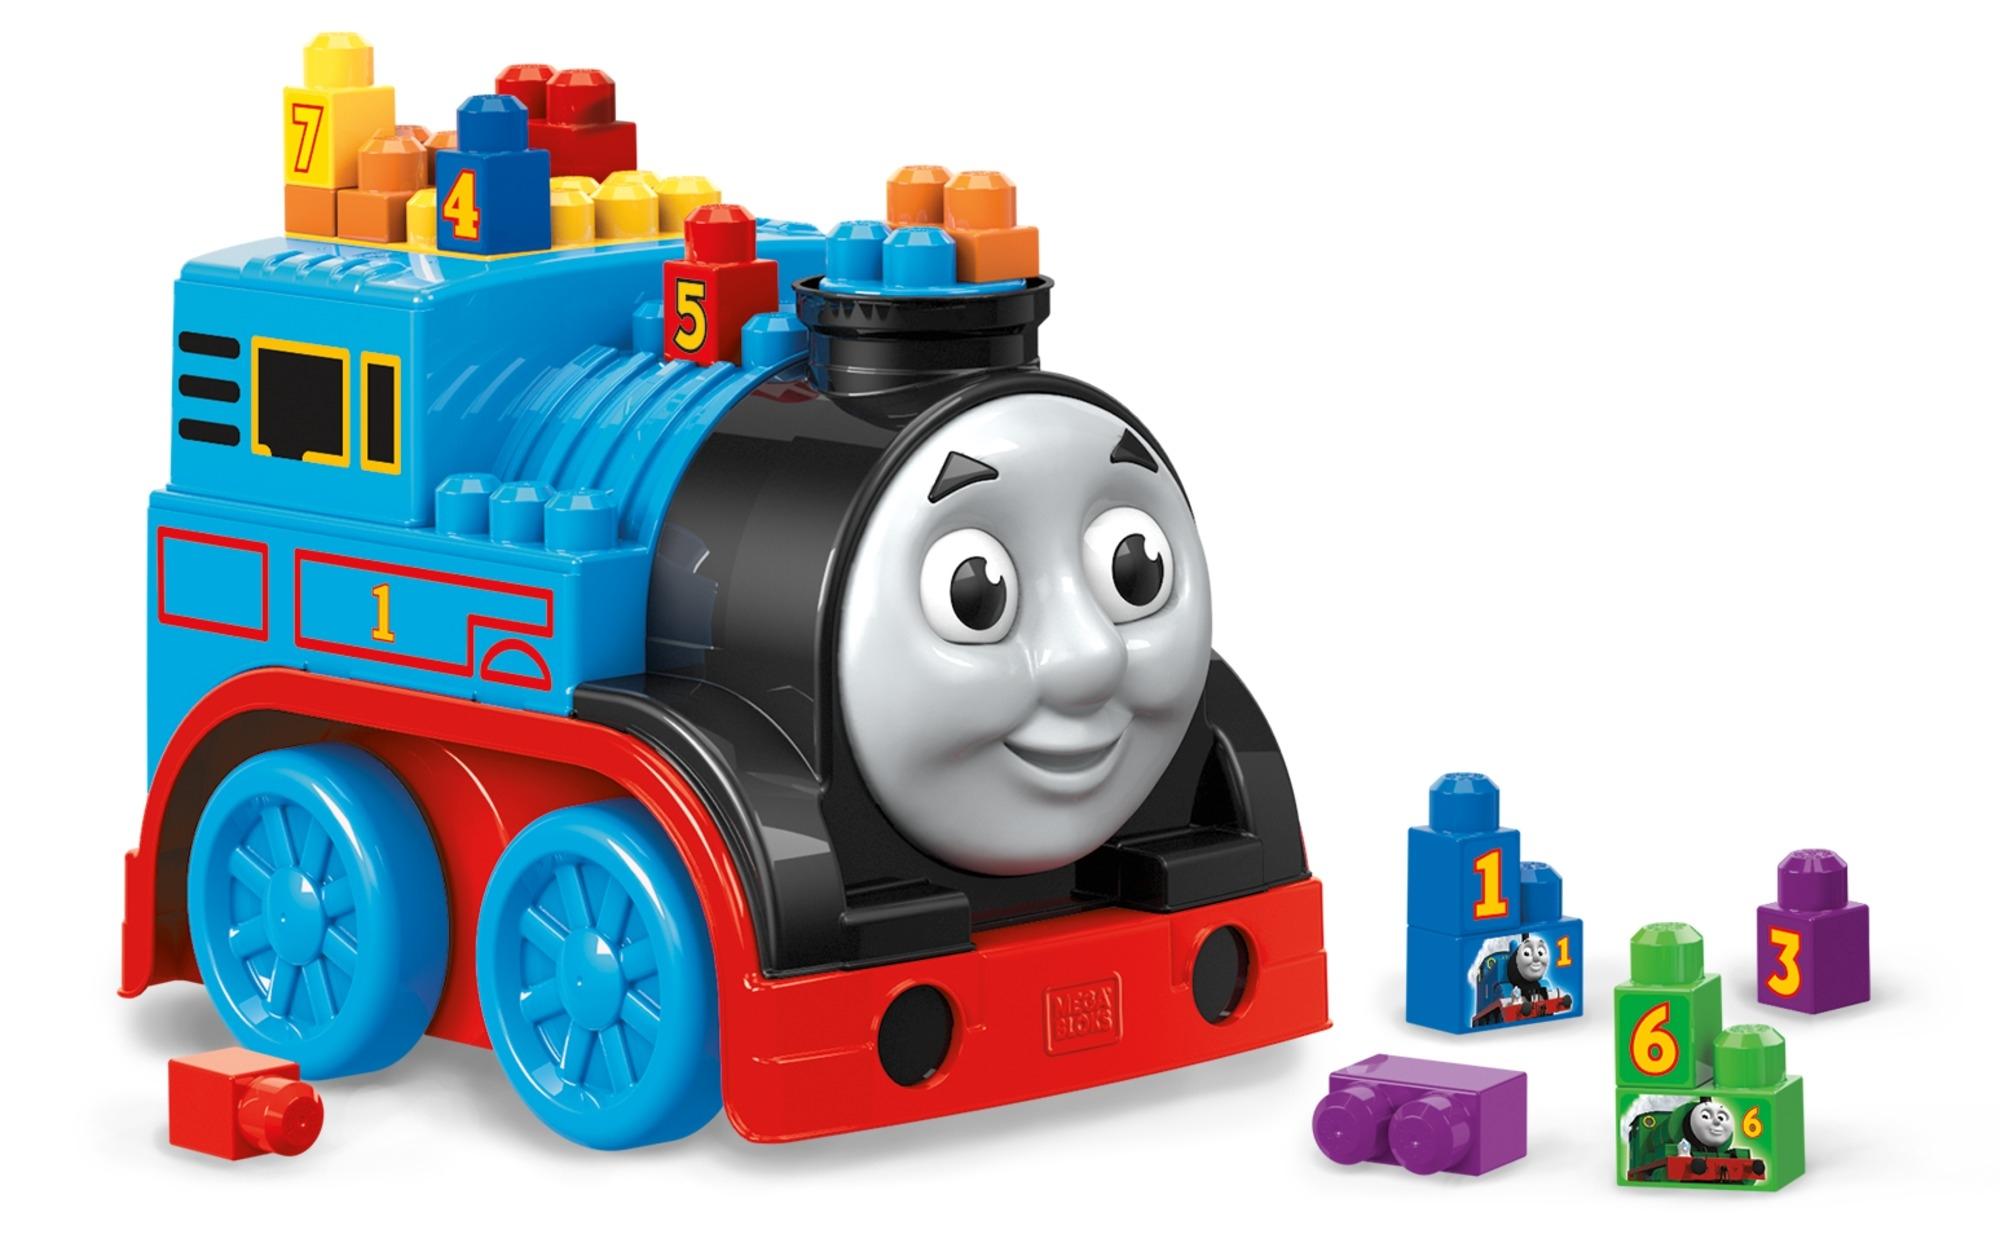 Фото - Конструкторы для малышей Mega Bloks Томас и друзья: большой паровоз mega bloks mega bloks конструктор обучающий для малышей разные формы